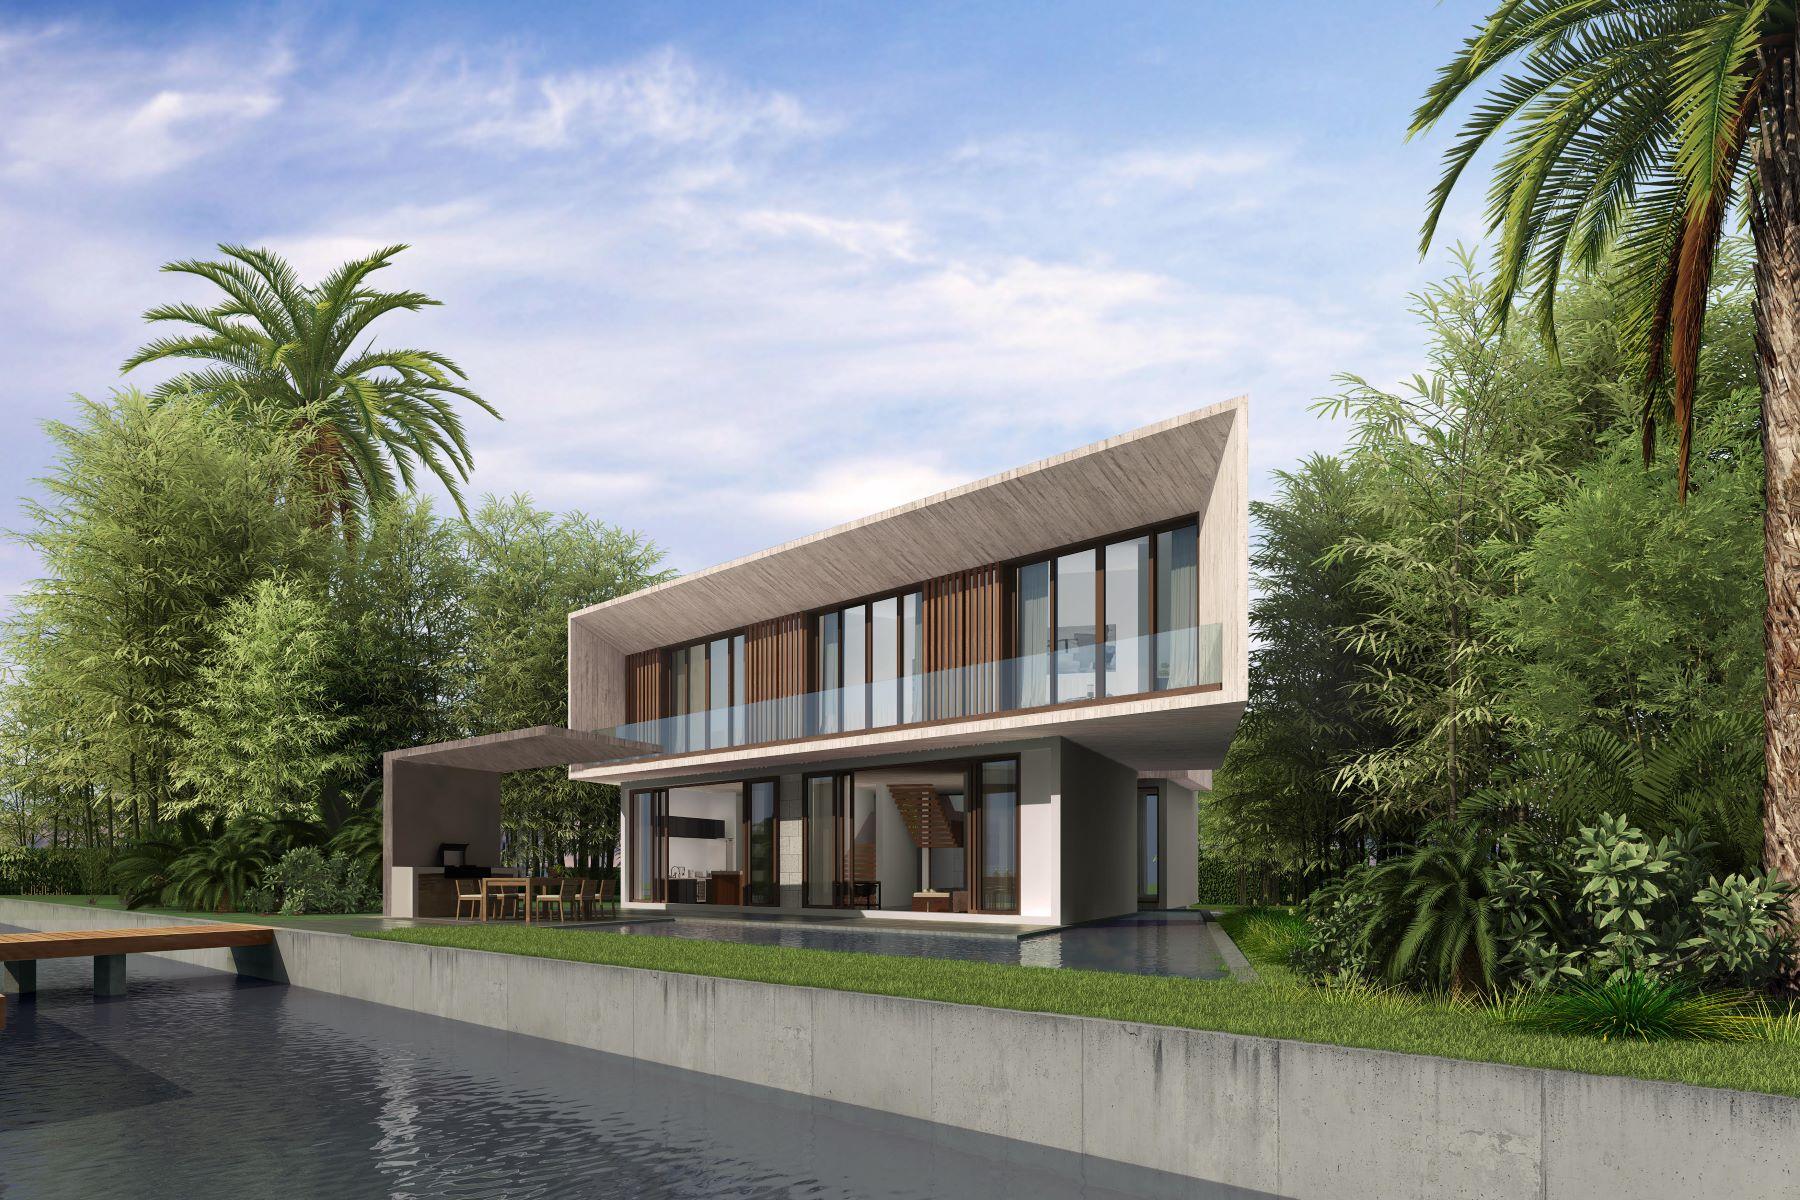 一戸建て のために 売買 アット 3166 N Bay Rd Miami Beach, フロリダ, 33140 アメリカ合衆国